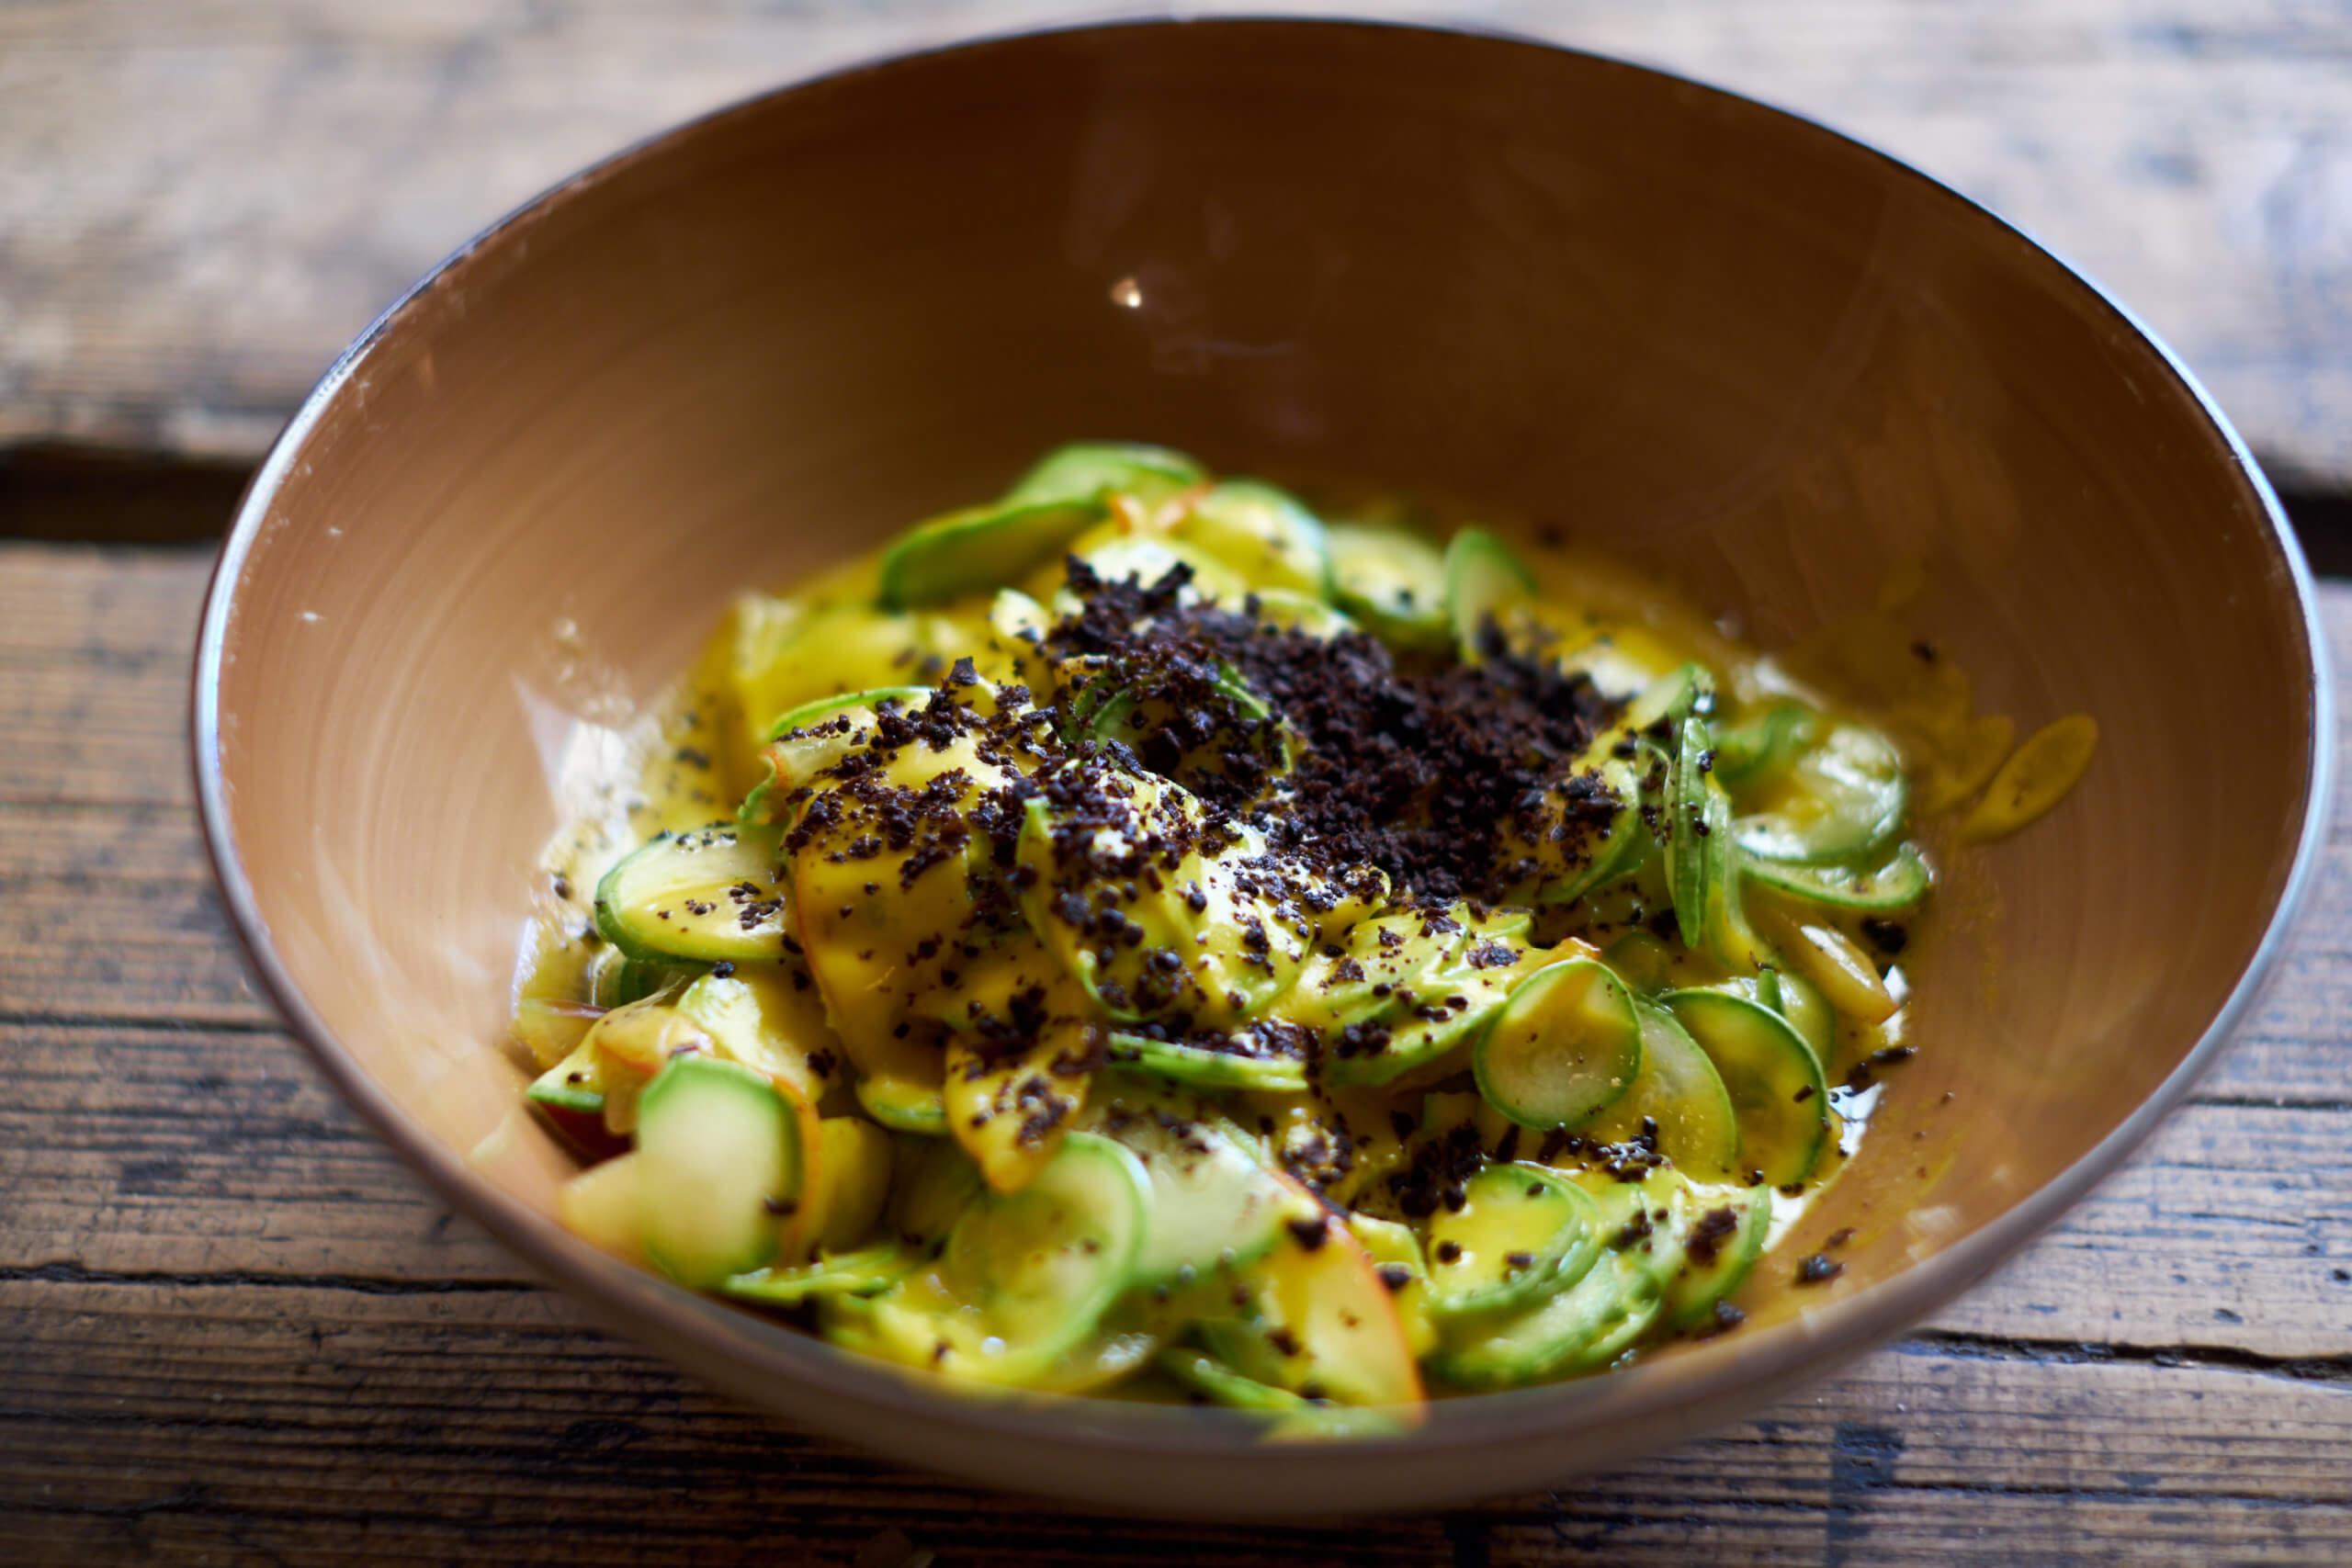 Mullixhiu Salad